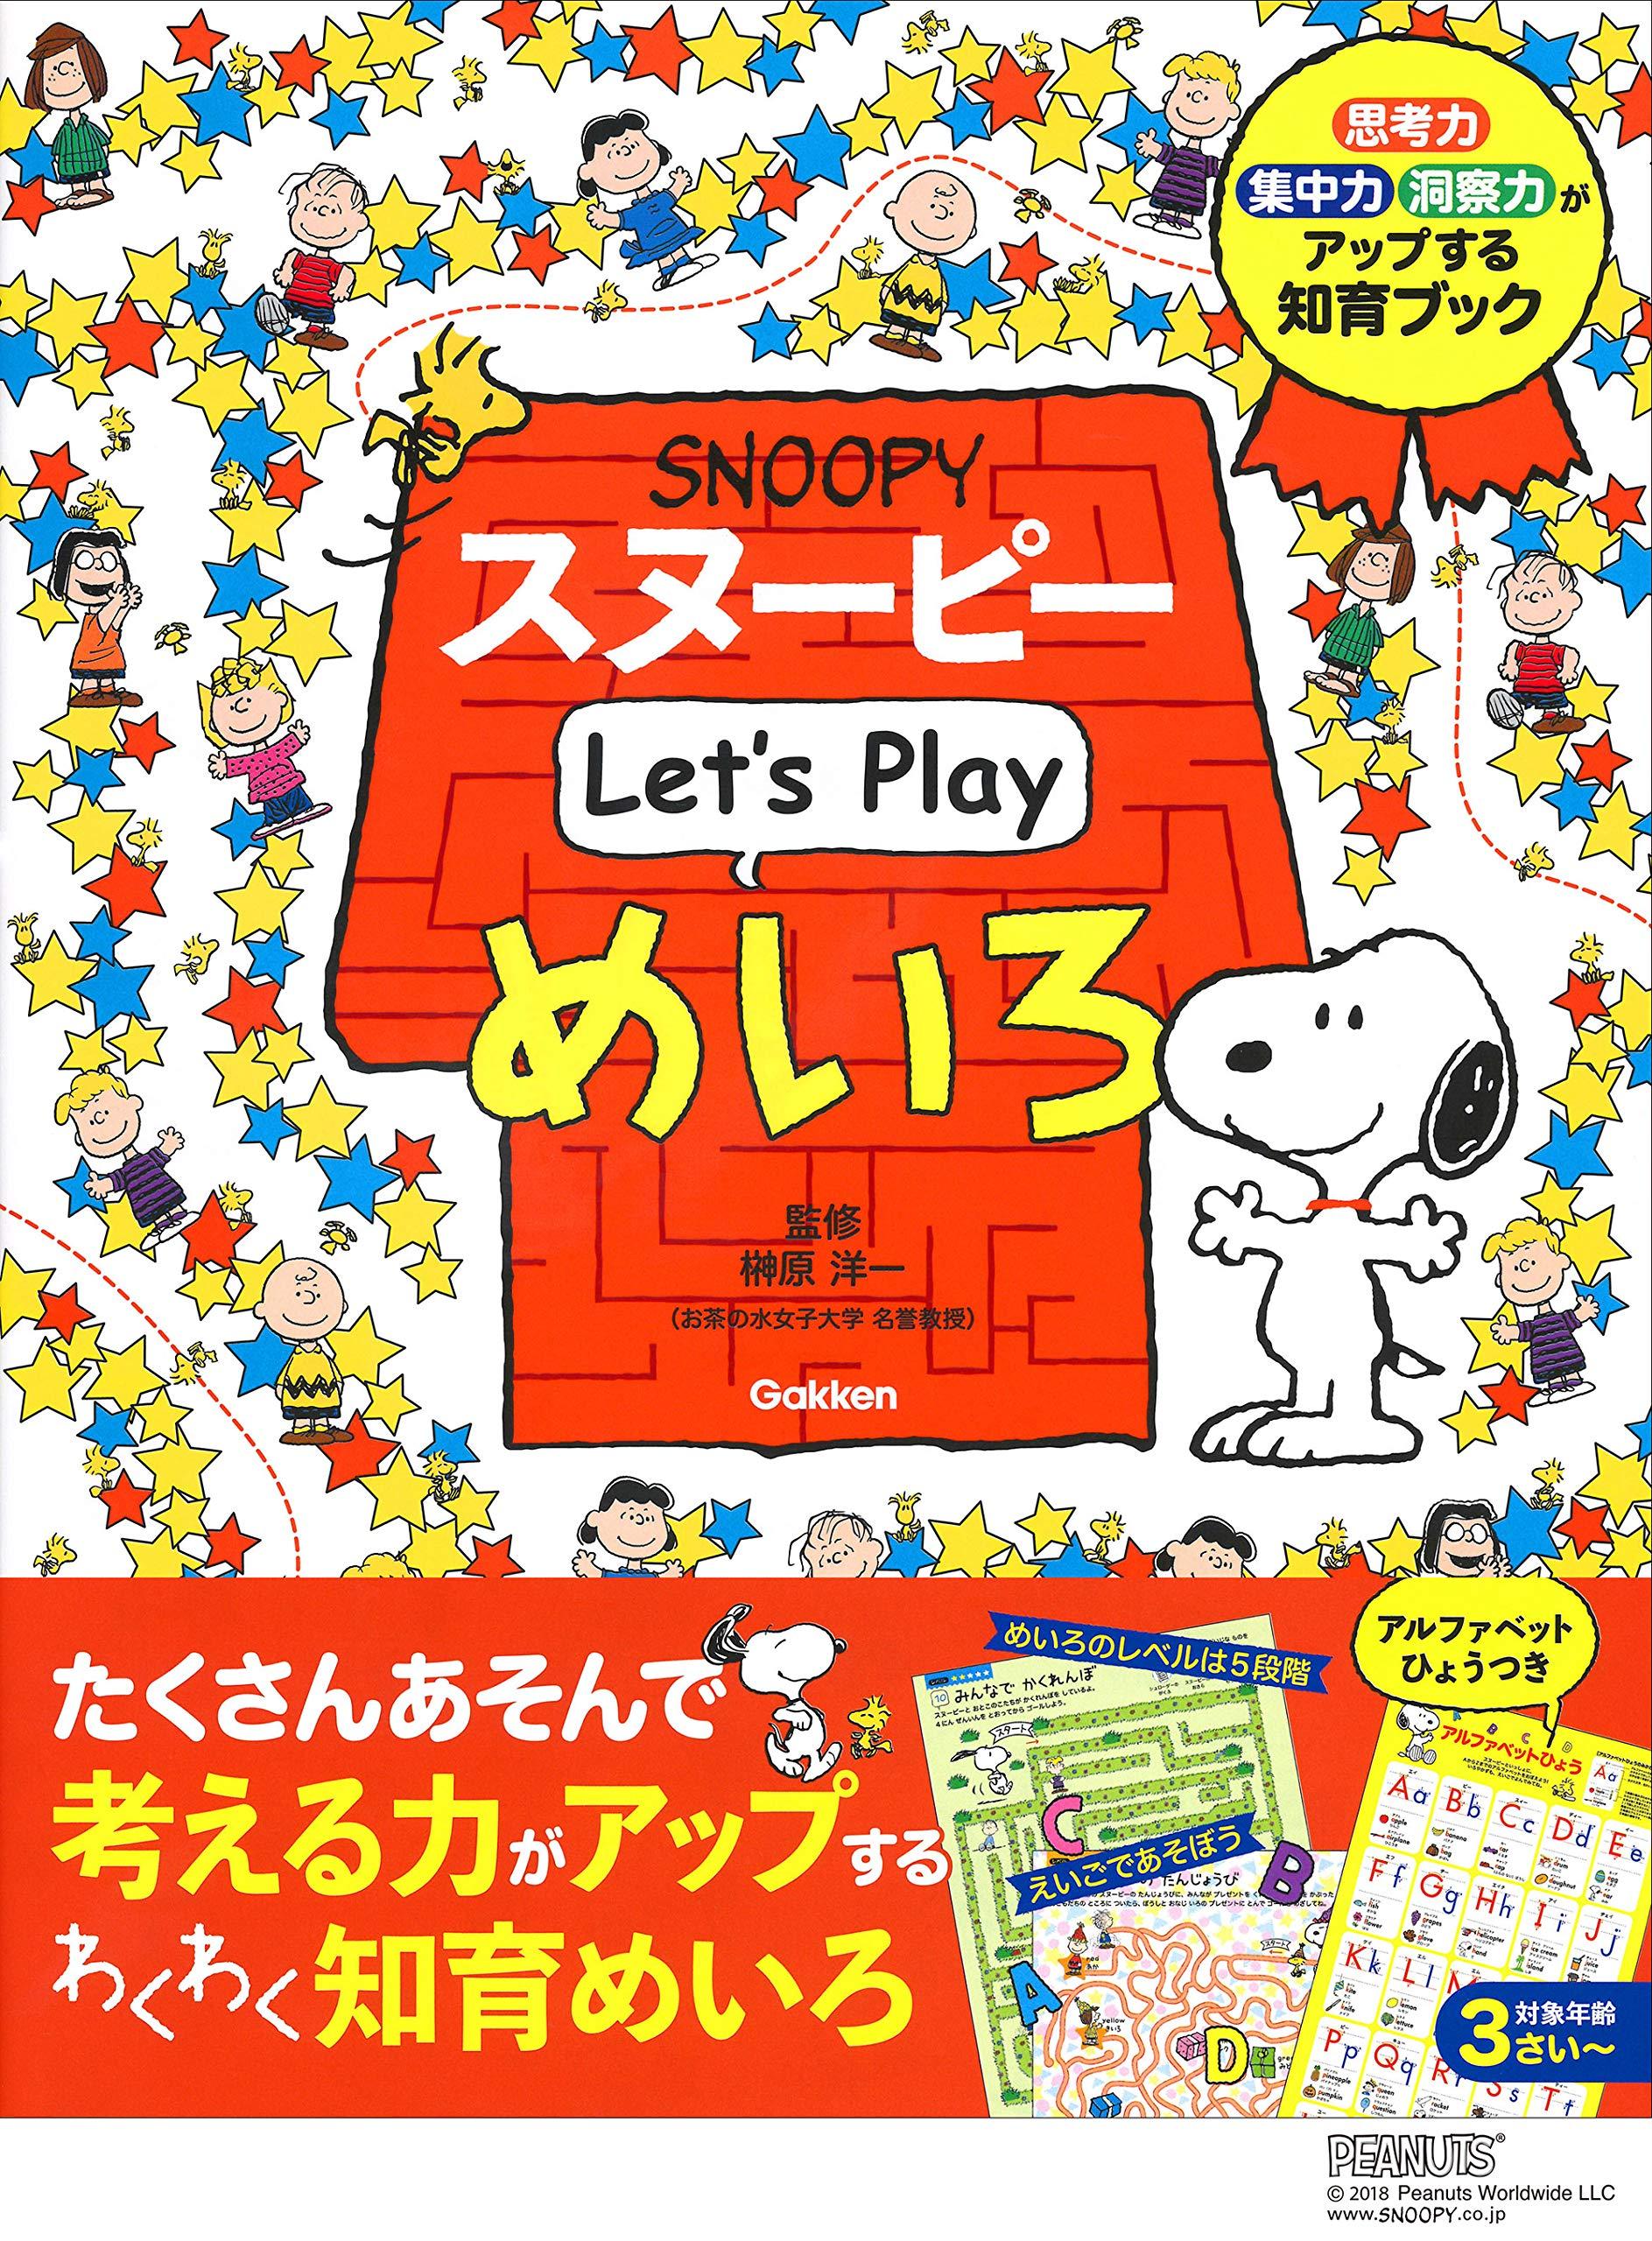 『スヌーピー Let's Play めいろ』